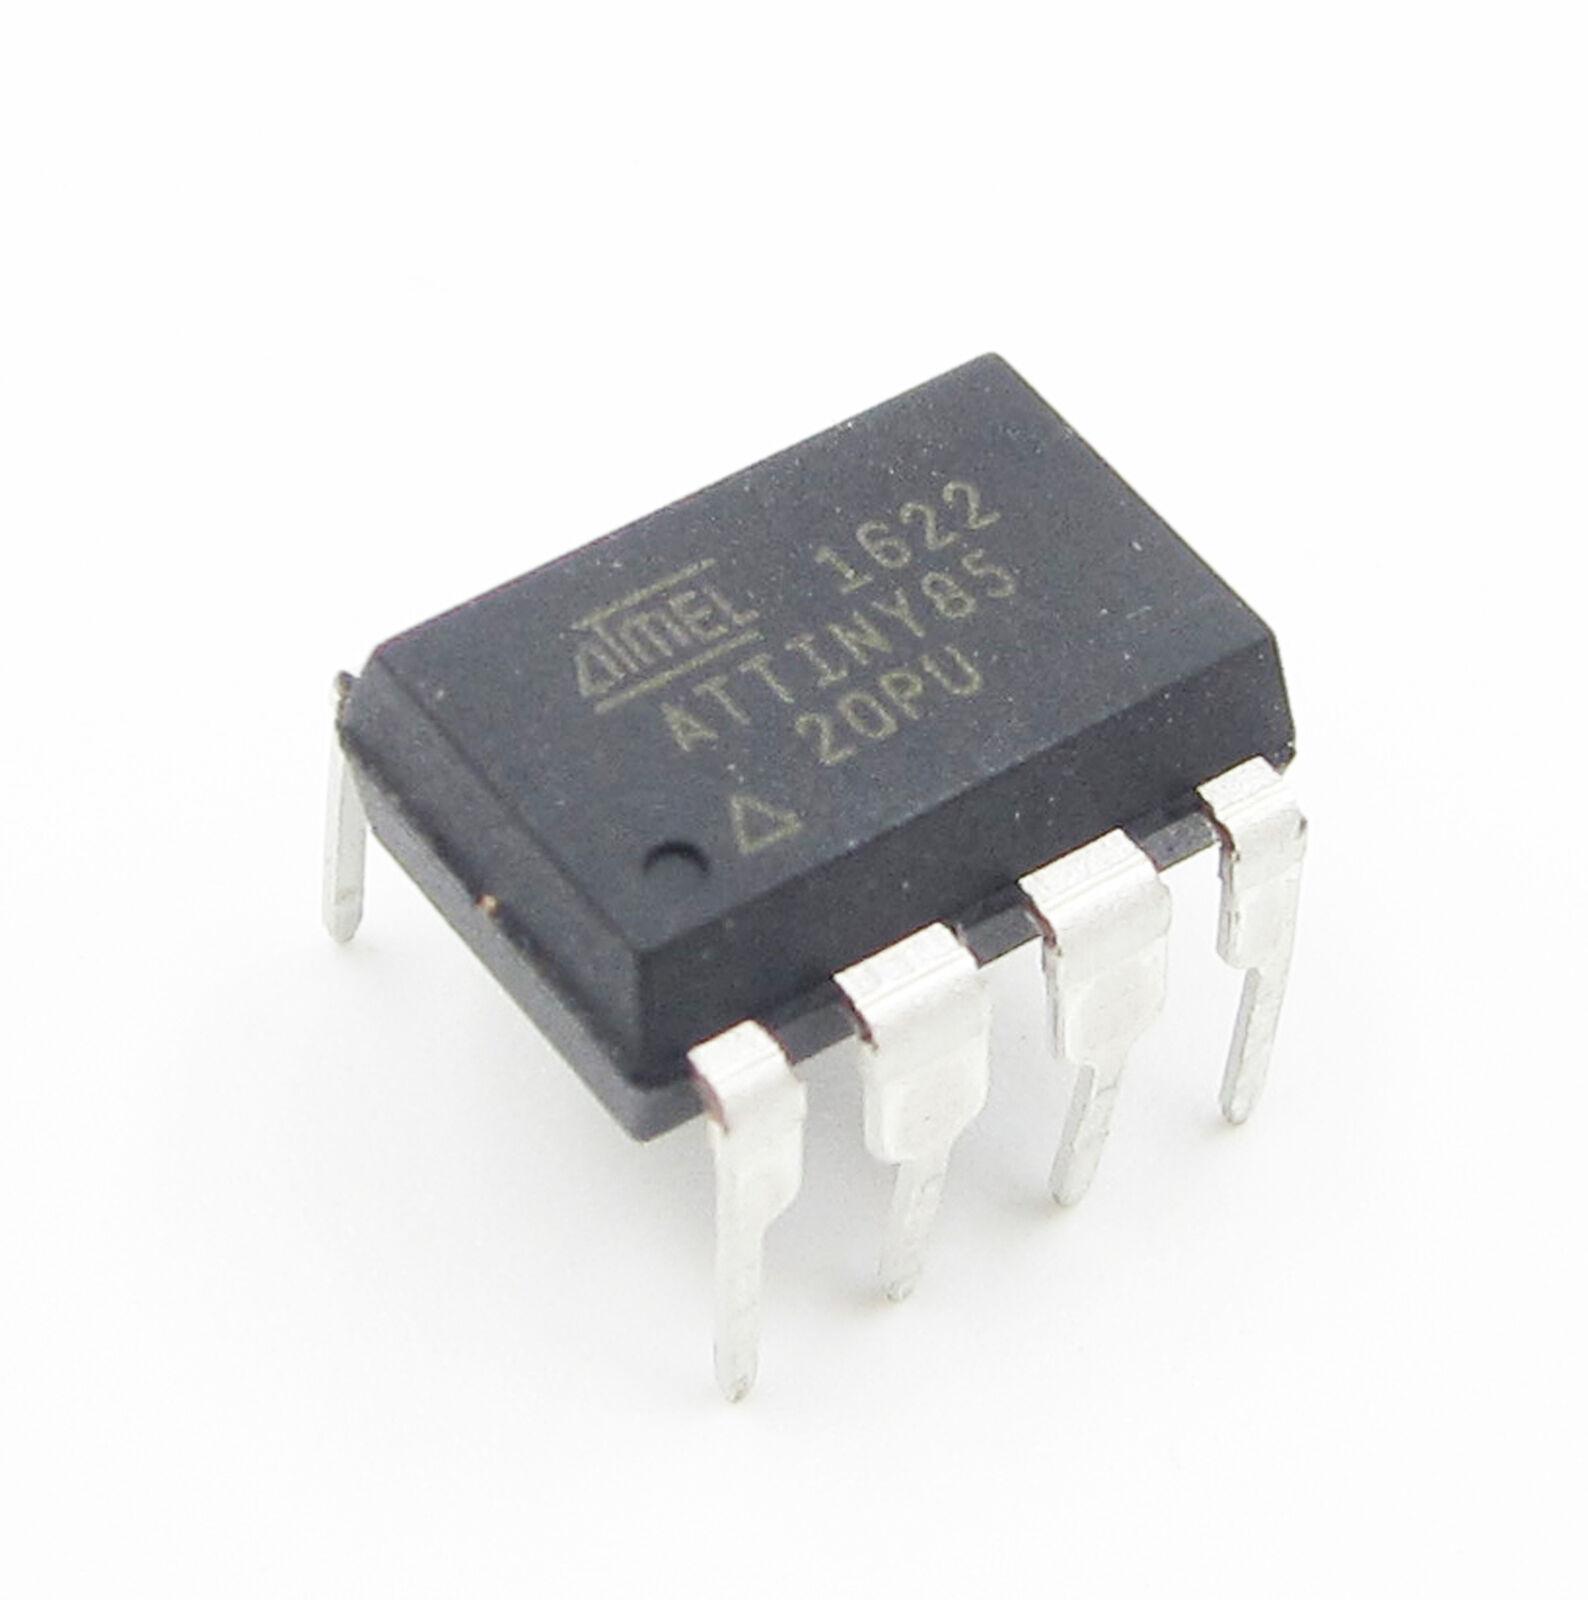 5 PCS ATTINY85 ATTINY85-20PU IC MCU 8BIT 8KB FLASH 8DIP New